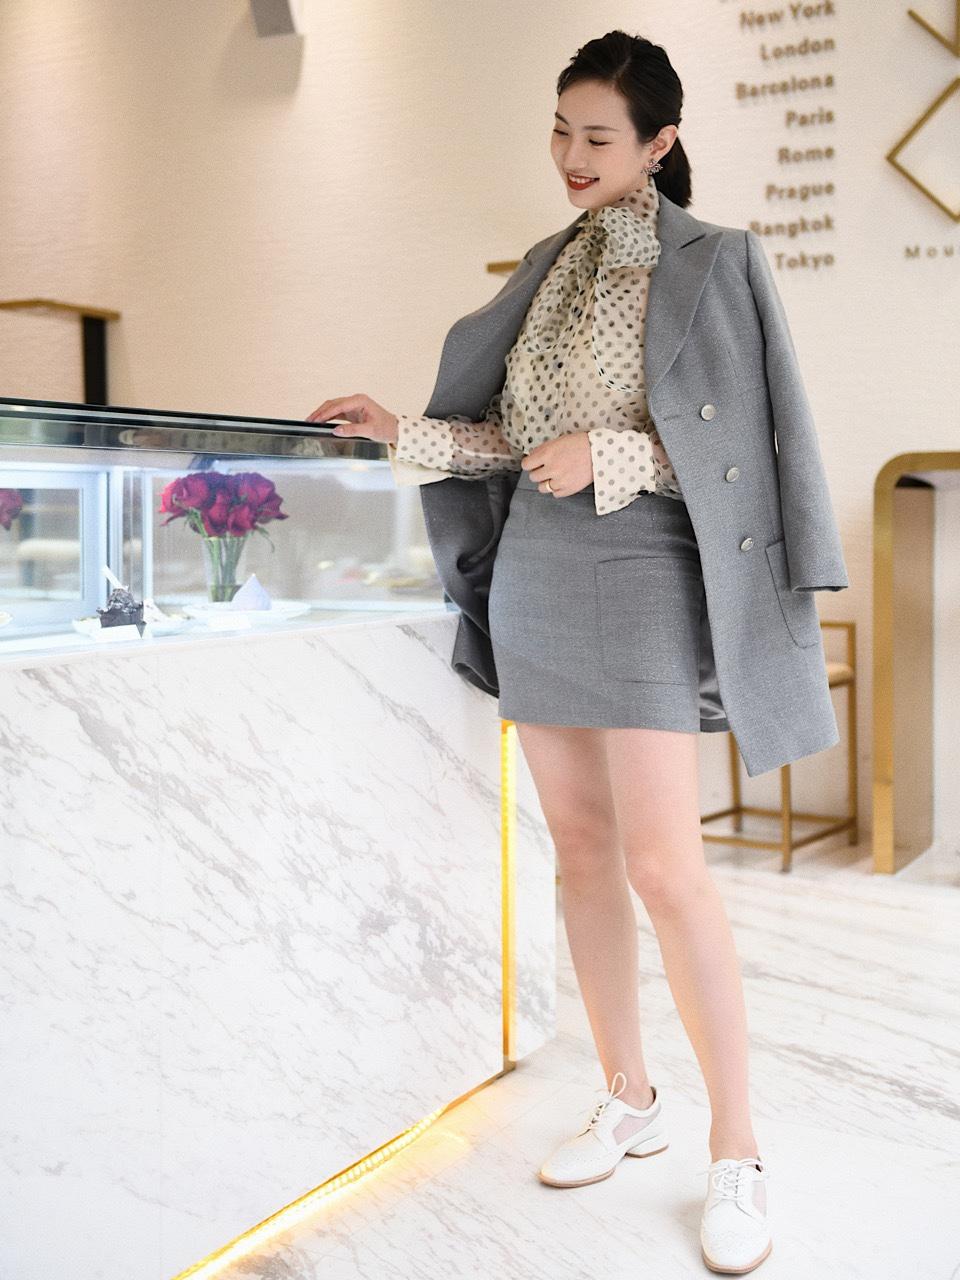 波点雪纺产衫衬衫,不一样的穿搭小心机 一般【基础穿搭】就是把长款西装裙的扣子扣起来,里面有个半裙打底防止走光,并且半裙上有一个小口袋,细节很别致哦。比较适合日常通勤啦,逛街啦。如果【进阶穿搭】就是不扣扣子,内搭可以有更多选择,这样一套西装可以有【1+N种穿搭风格】。 例如上班开会,可以穿基础款白衬衫,干练点选择硬挺面料,想温柔一点选择雪纺真丝面料;如果想要下班聚会,内搭就可以换成其他各种是颜色波点啦,花纹啦,绝对是一件衣服可以解决很多问题! 🔻 鞋子上面也建议可以有更多款式可以搭配,不一定就是基础款高跟鞋!例如休闲鞋、短靴、哪怕是运动鞋,都能让增加整体的时髦度~✔️ #网红店春款我都帮你选好了!#